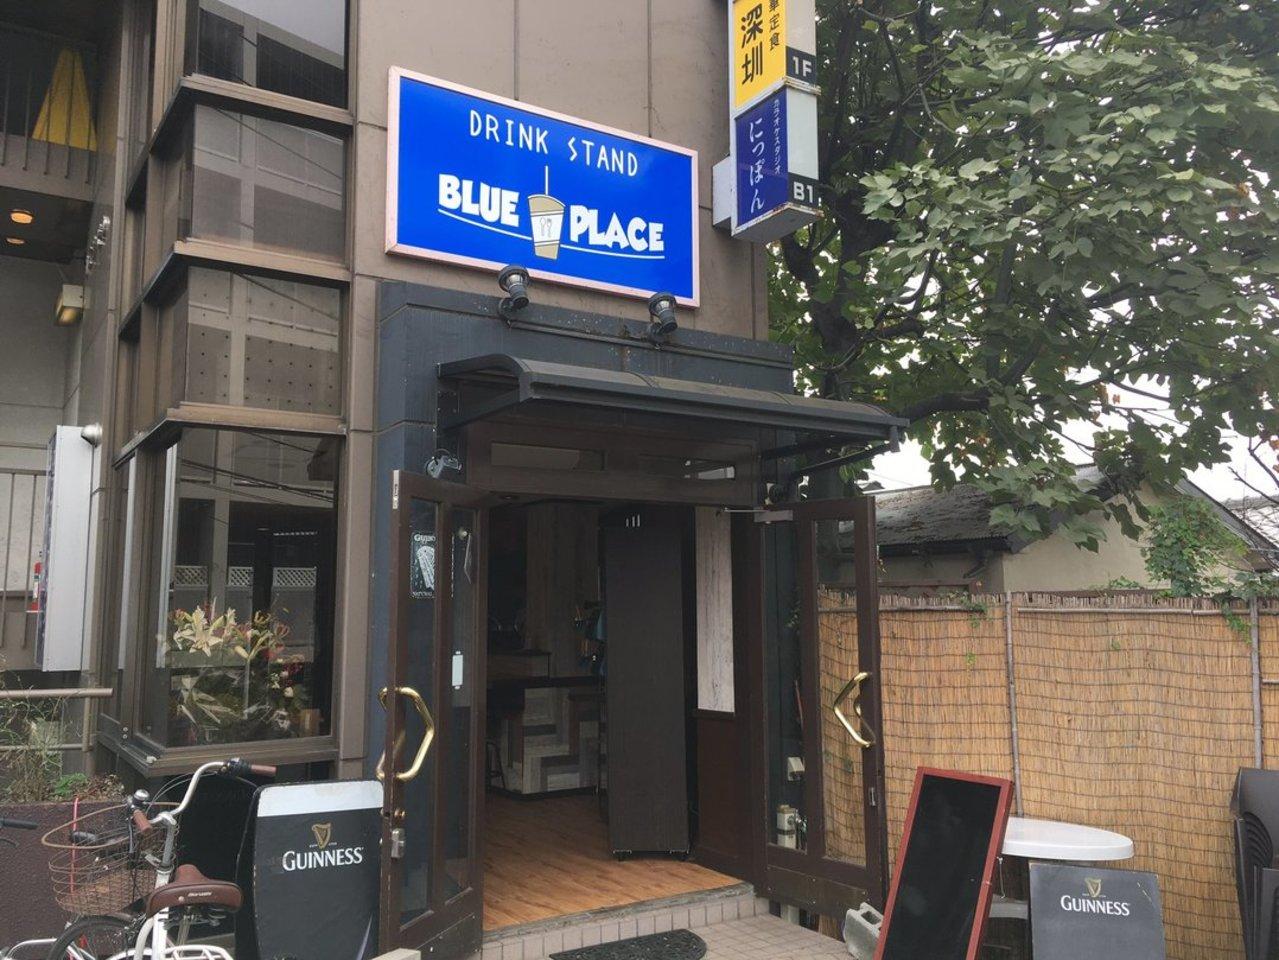 東京都荒川区西日暮里3丁目にドリンクスタンド「ブループレイス」が9/7オープンされたようです。